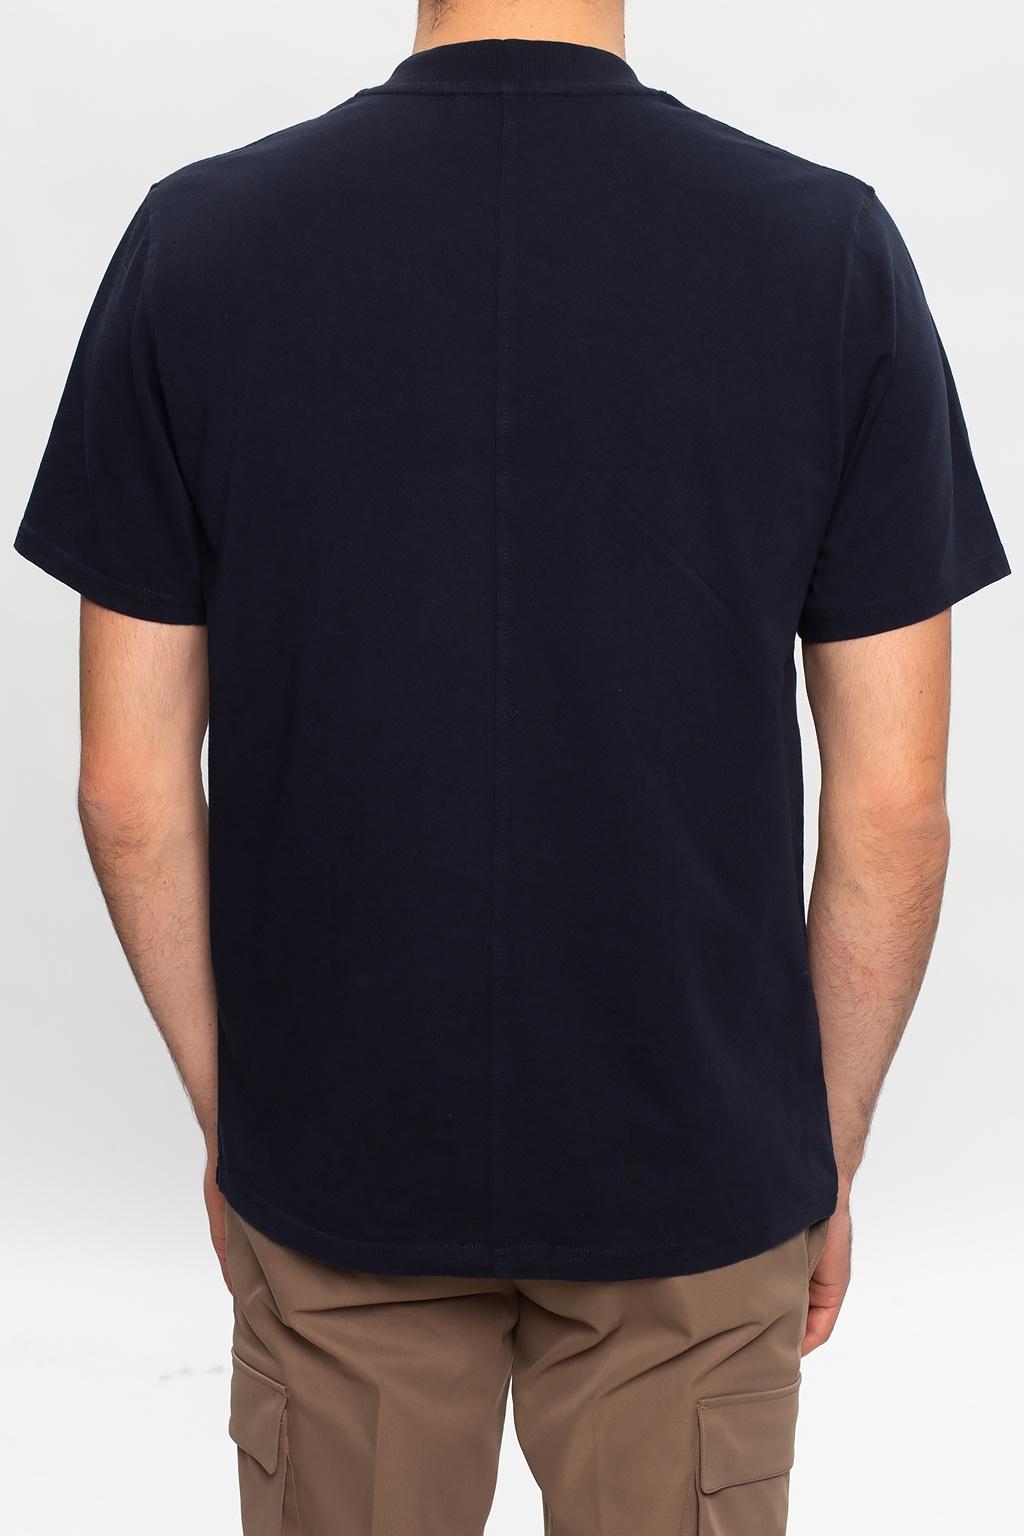 Samsøe Samsøe T-shirt with logo